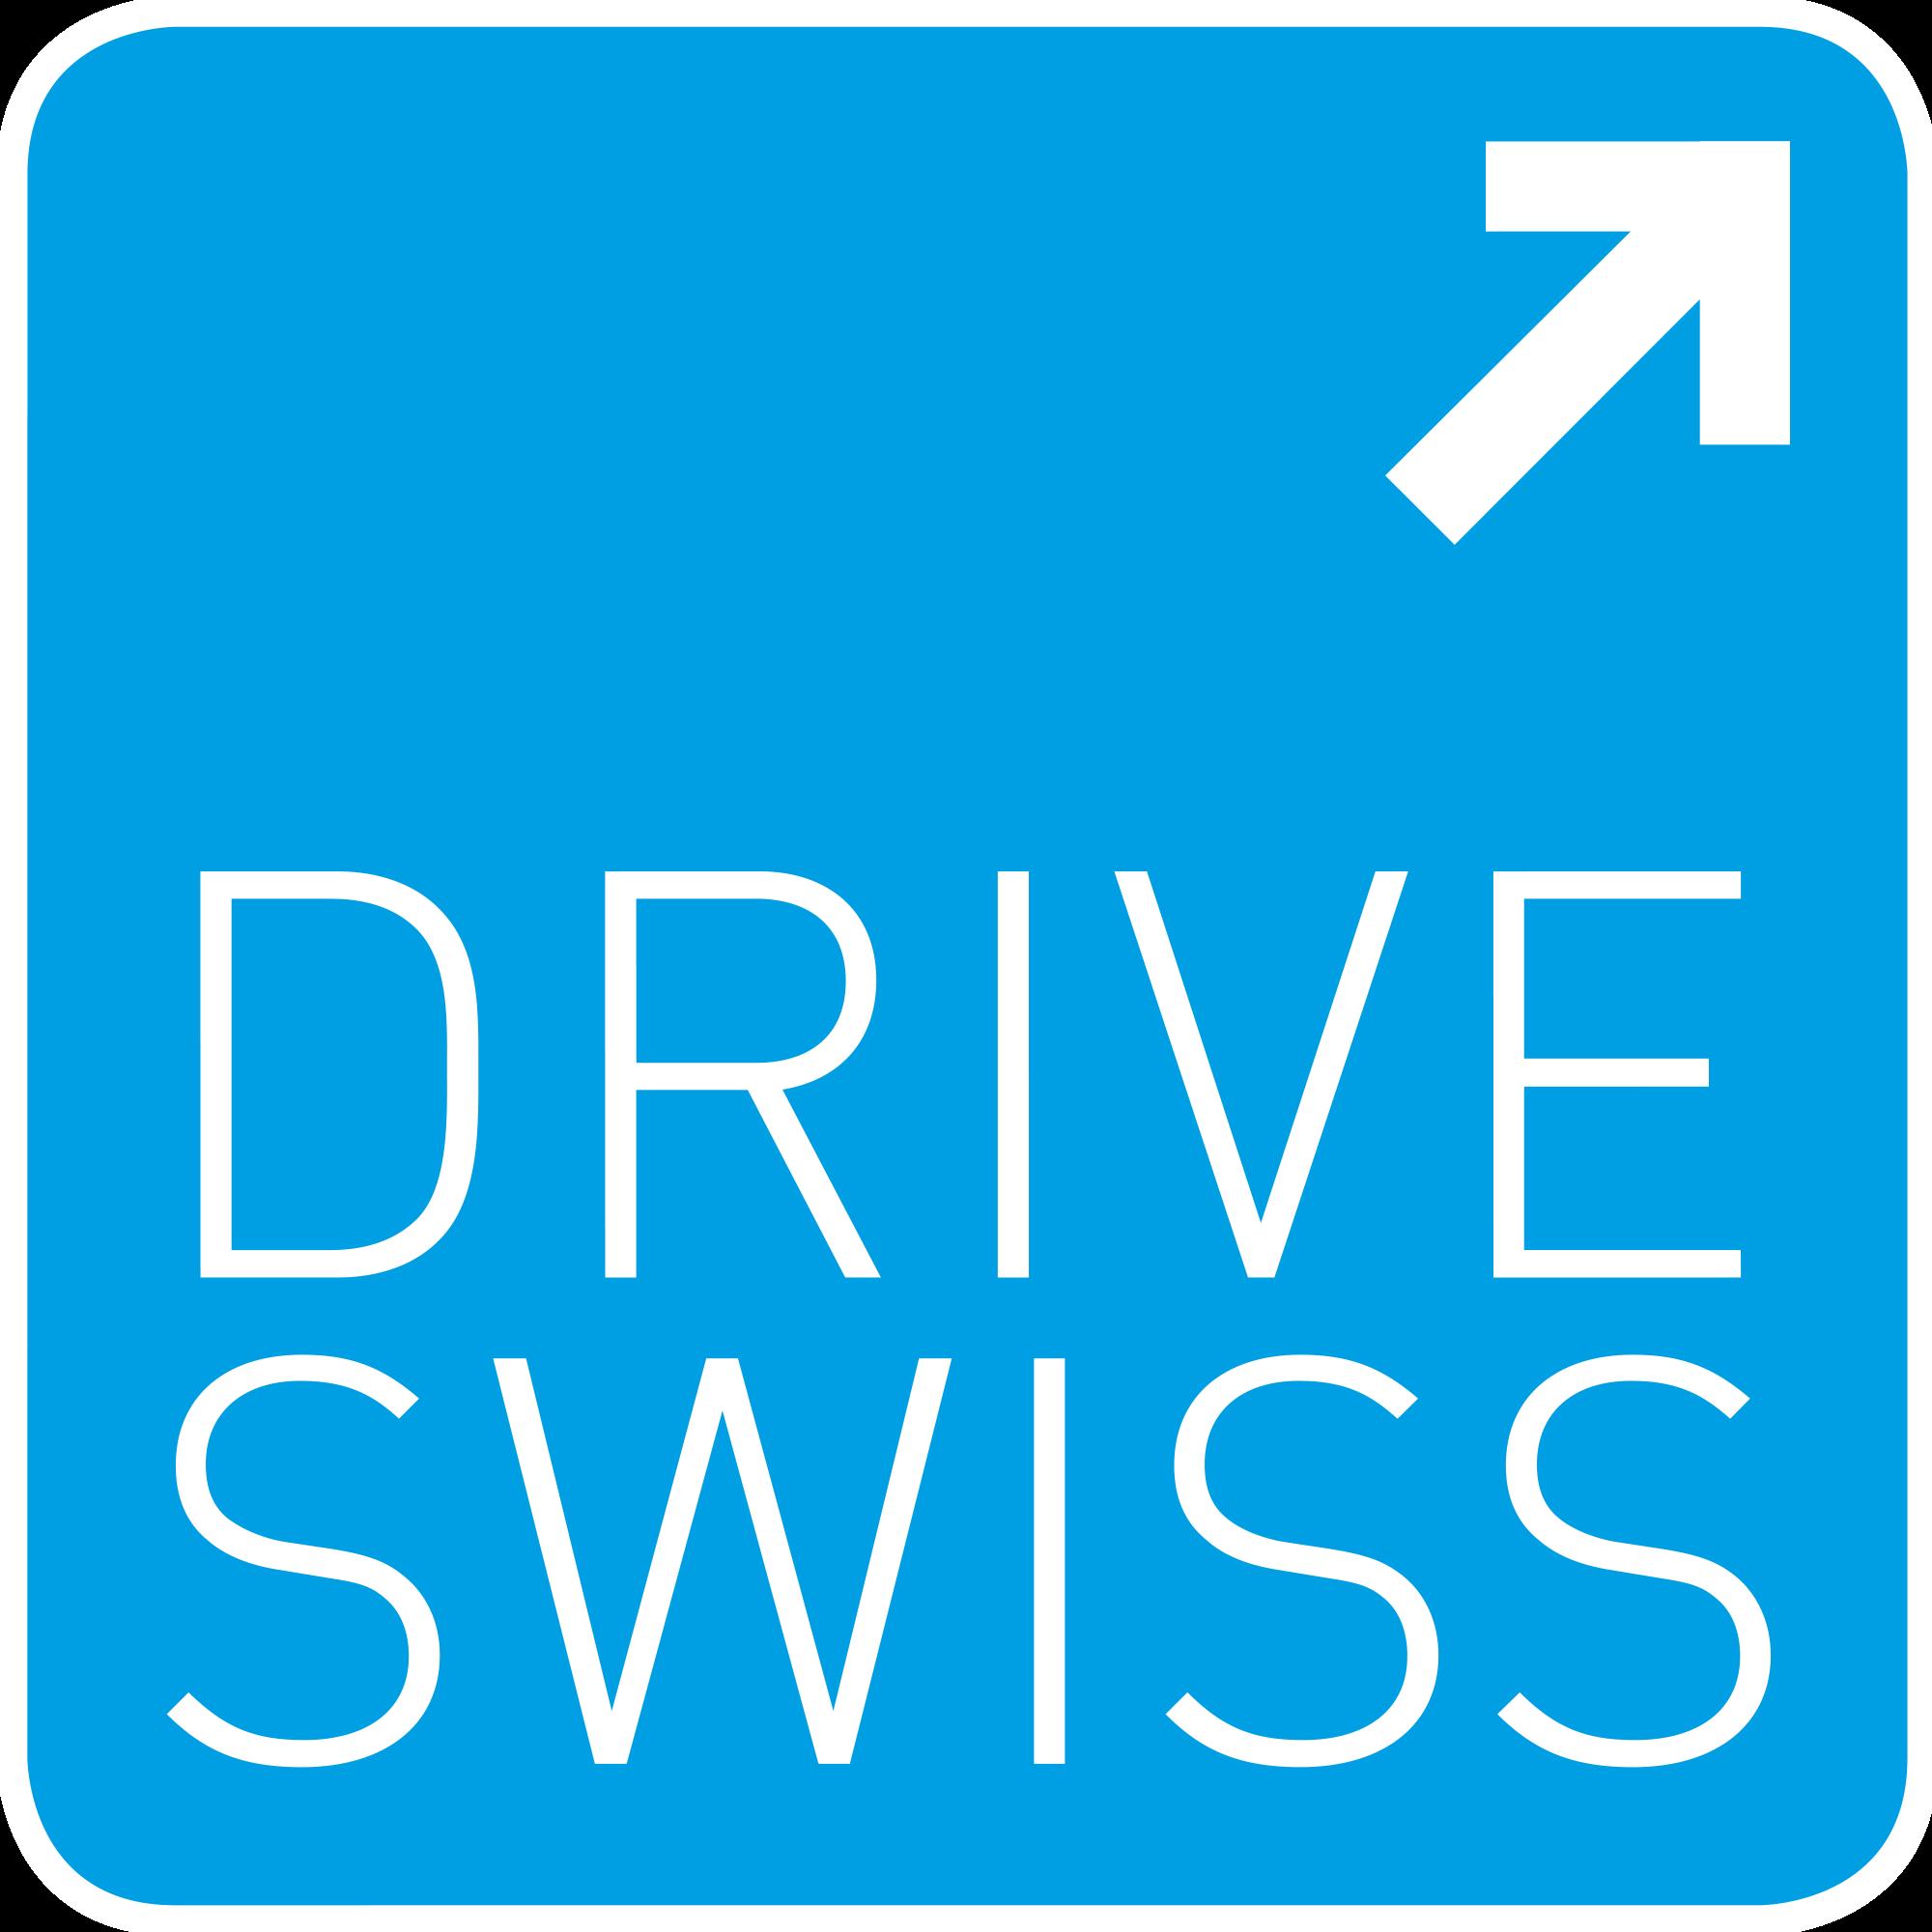 DRIVESWISS FAHRSCHULE